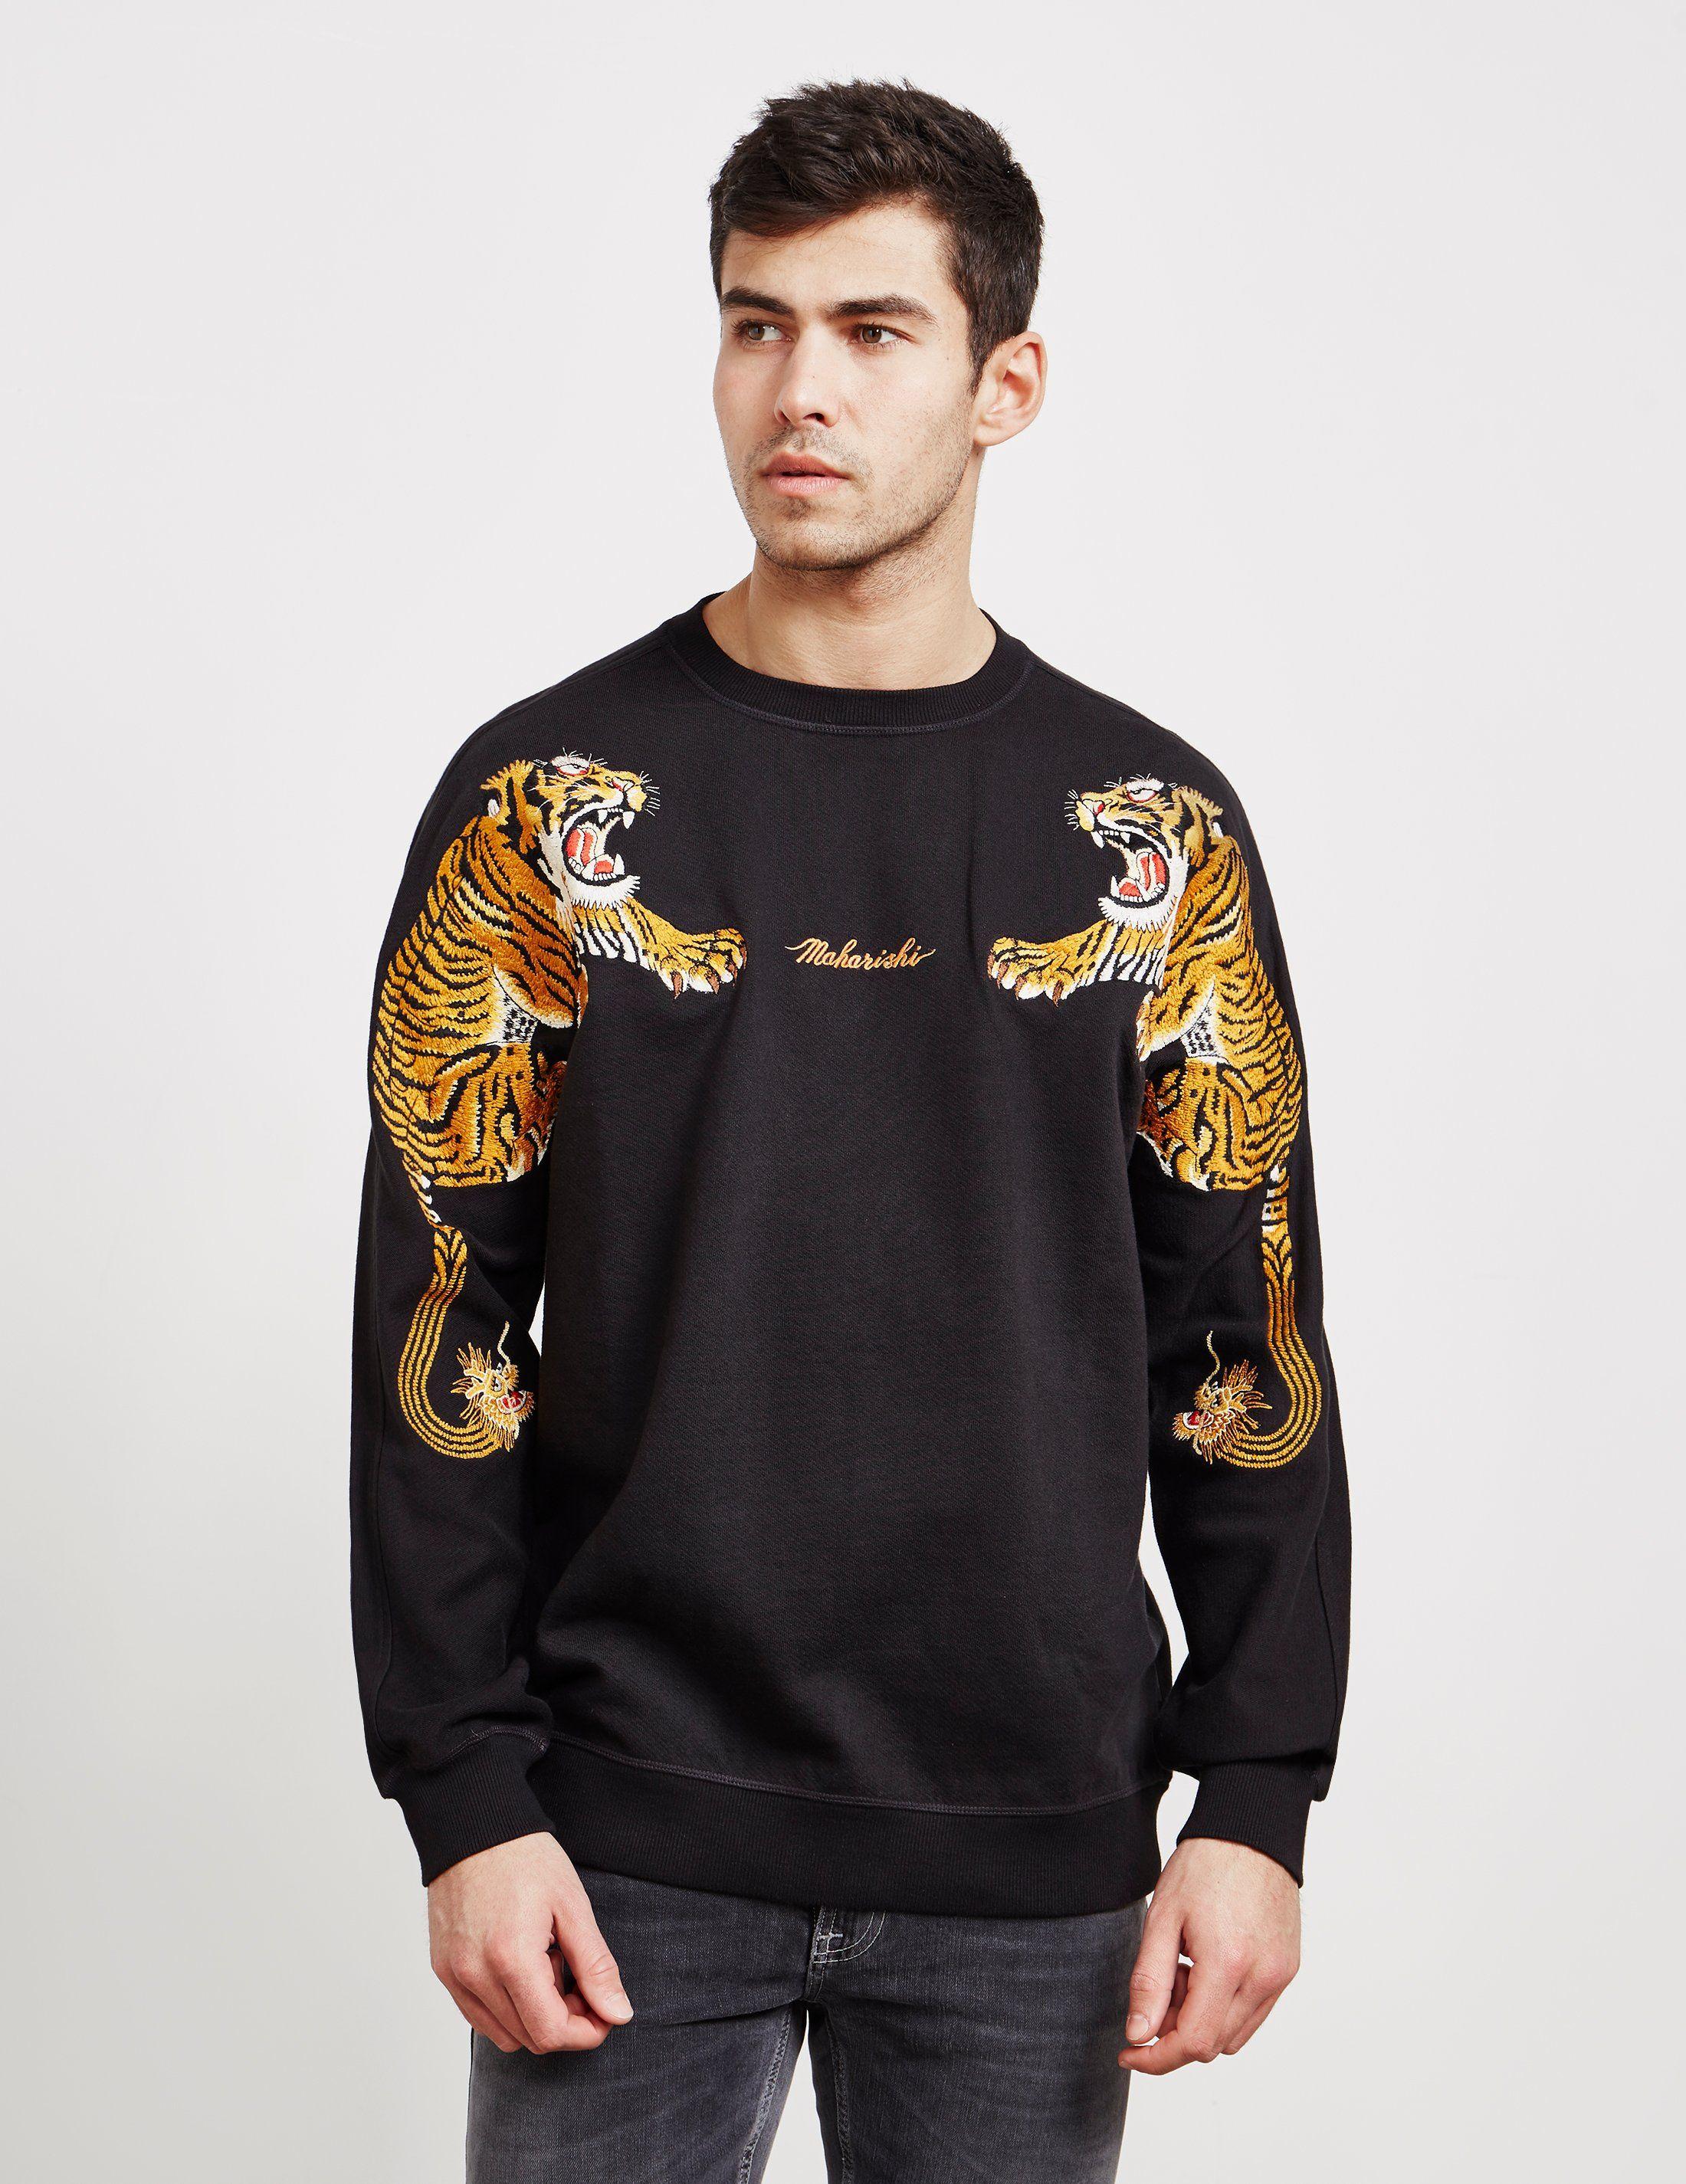 Maharishi Double Tiger Sweatshirt - Online Exclusive